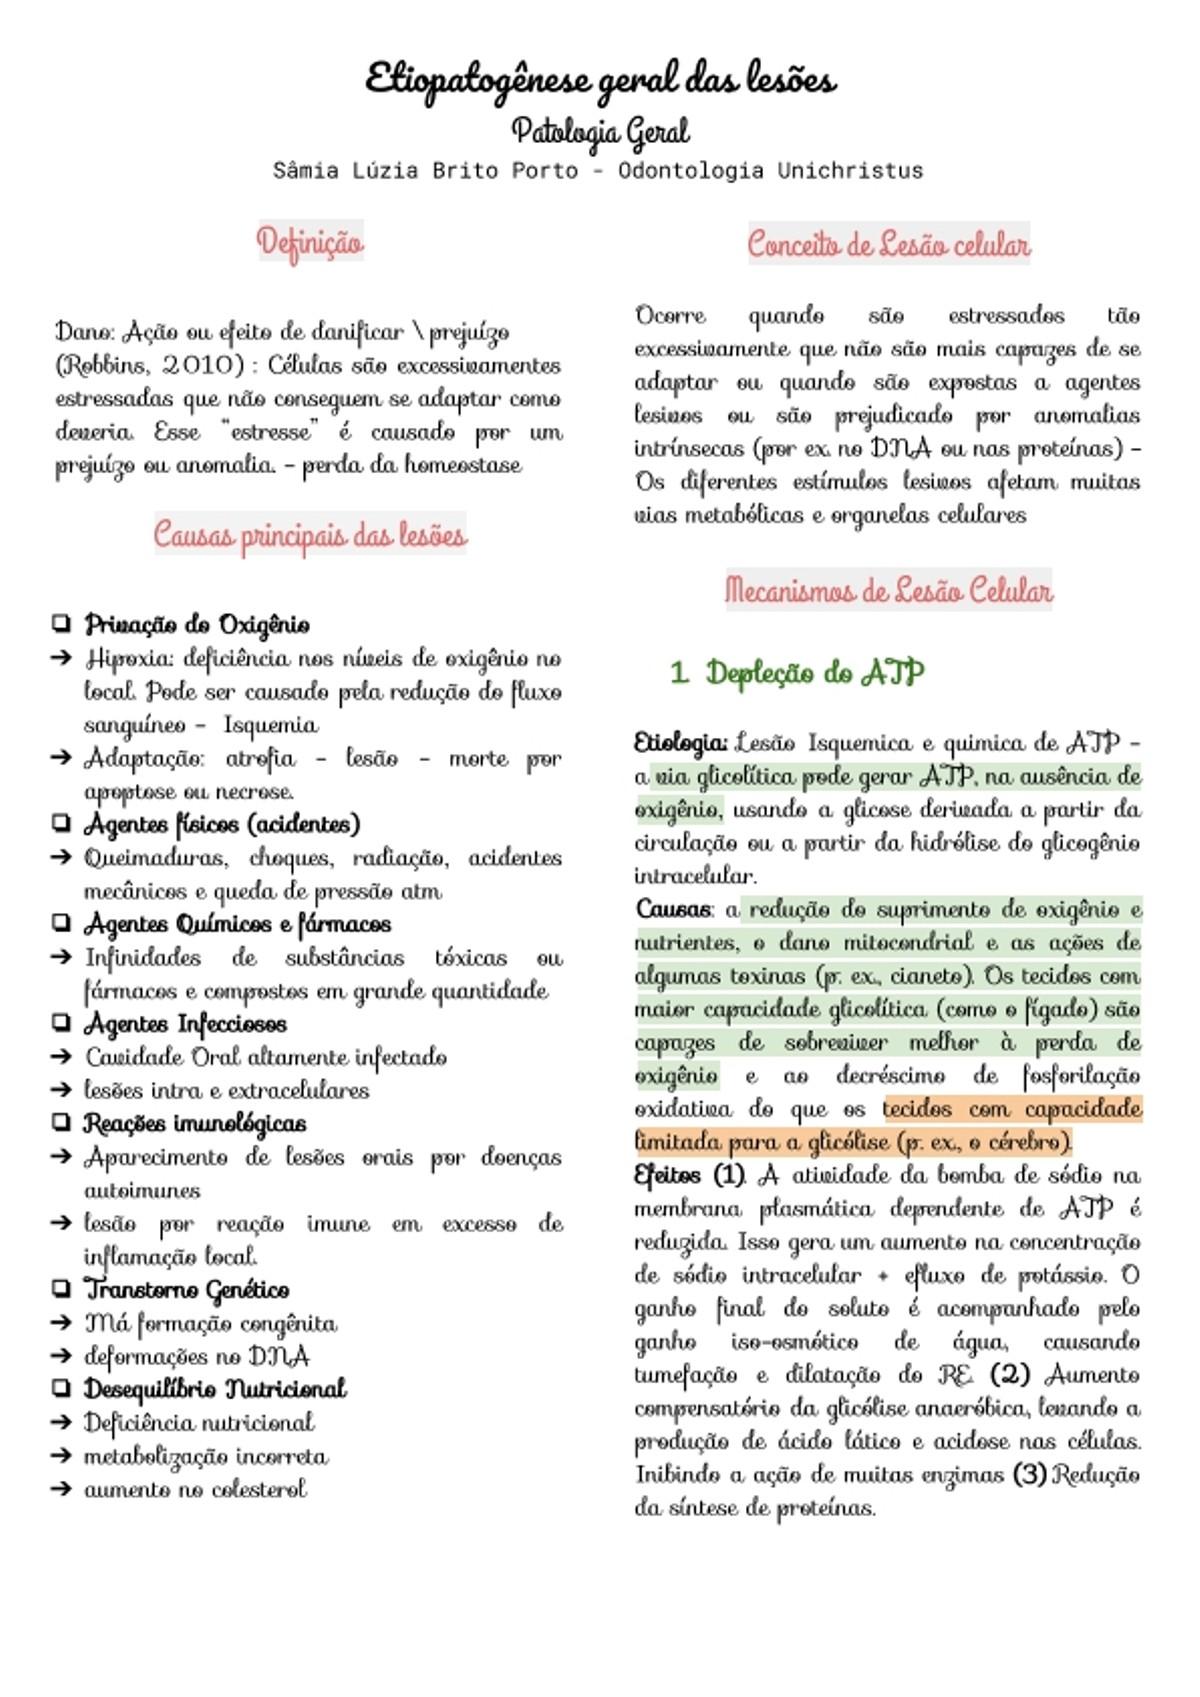 Pre-visualização do material Etiopatogênese geral das lesões - página 1